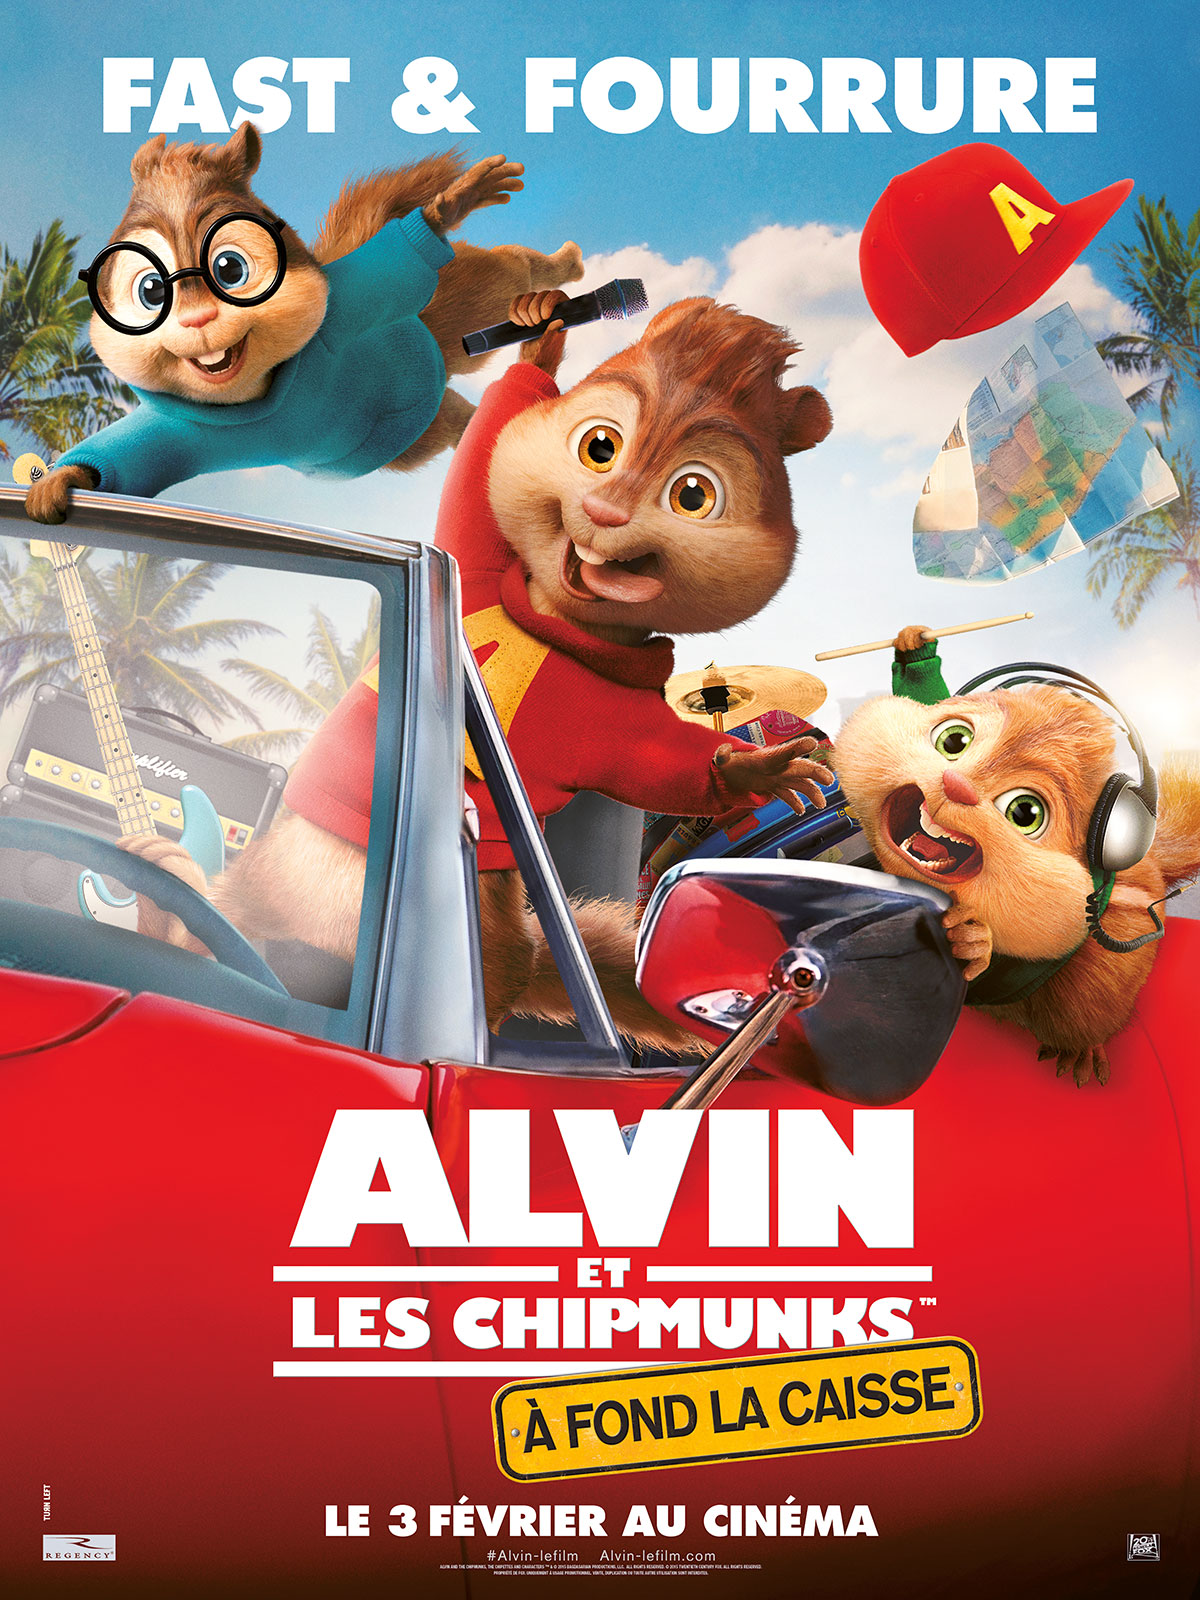 Télécharger Alvin et les Chipmunks - A fond la caisse TUREFRENCH Gratuit